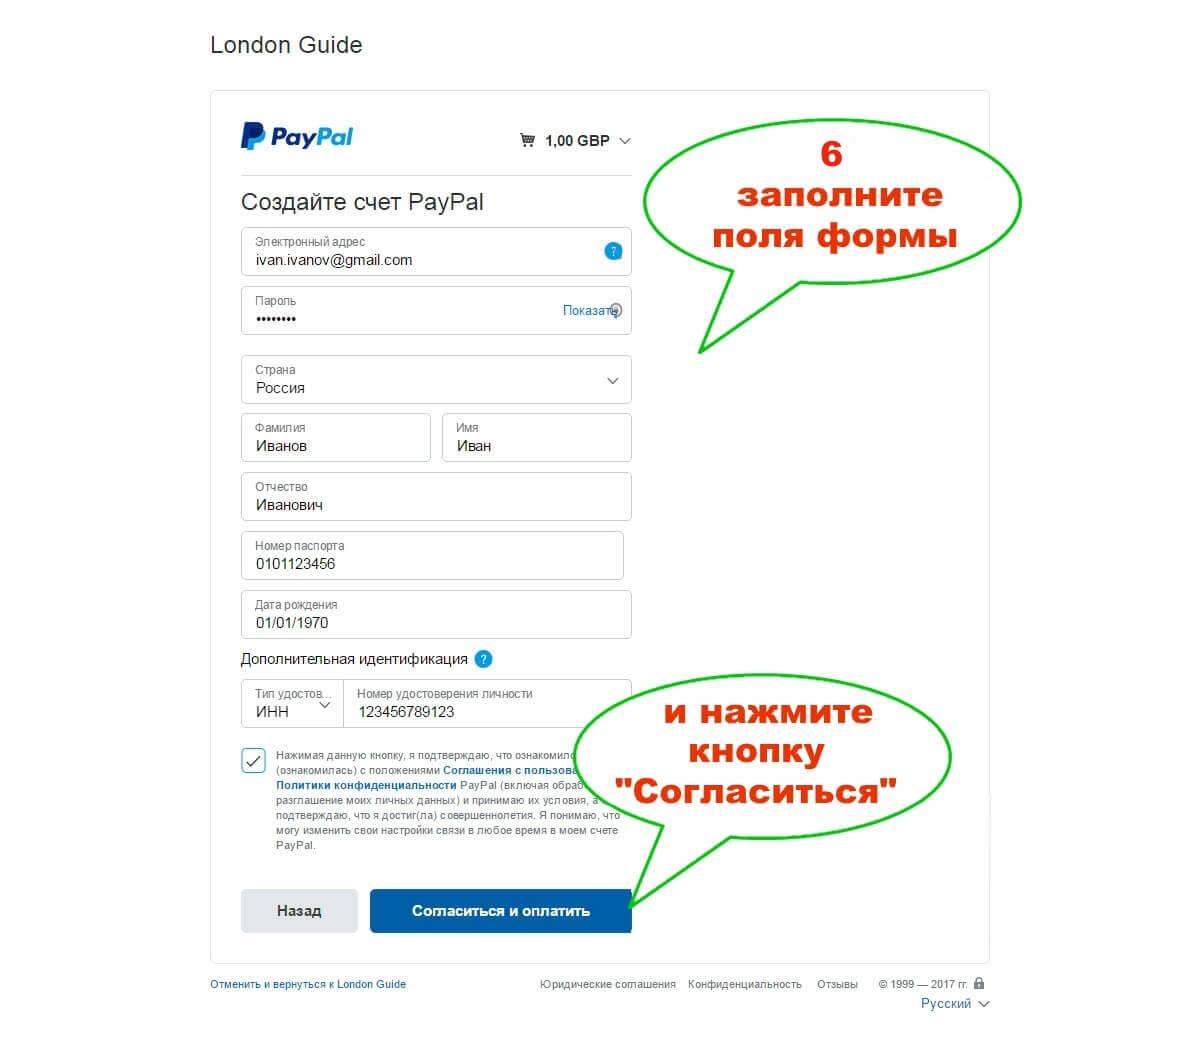 Инструкция оплаты через PayPal, шаг 6